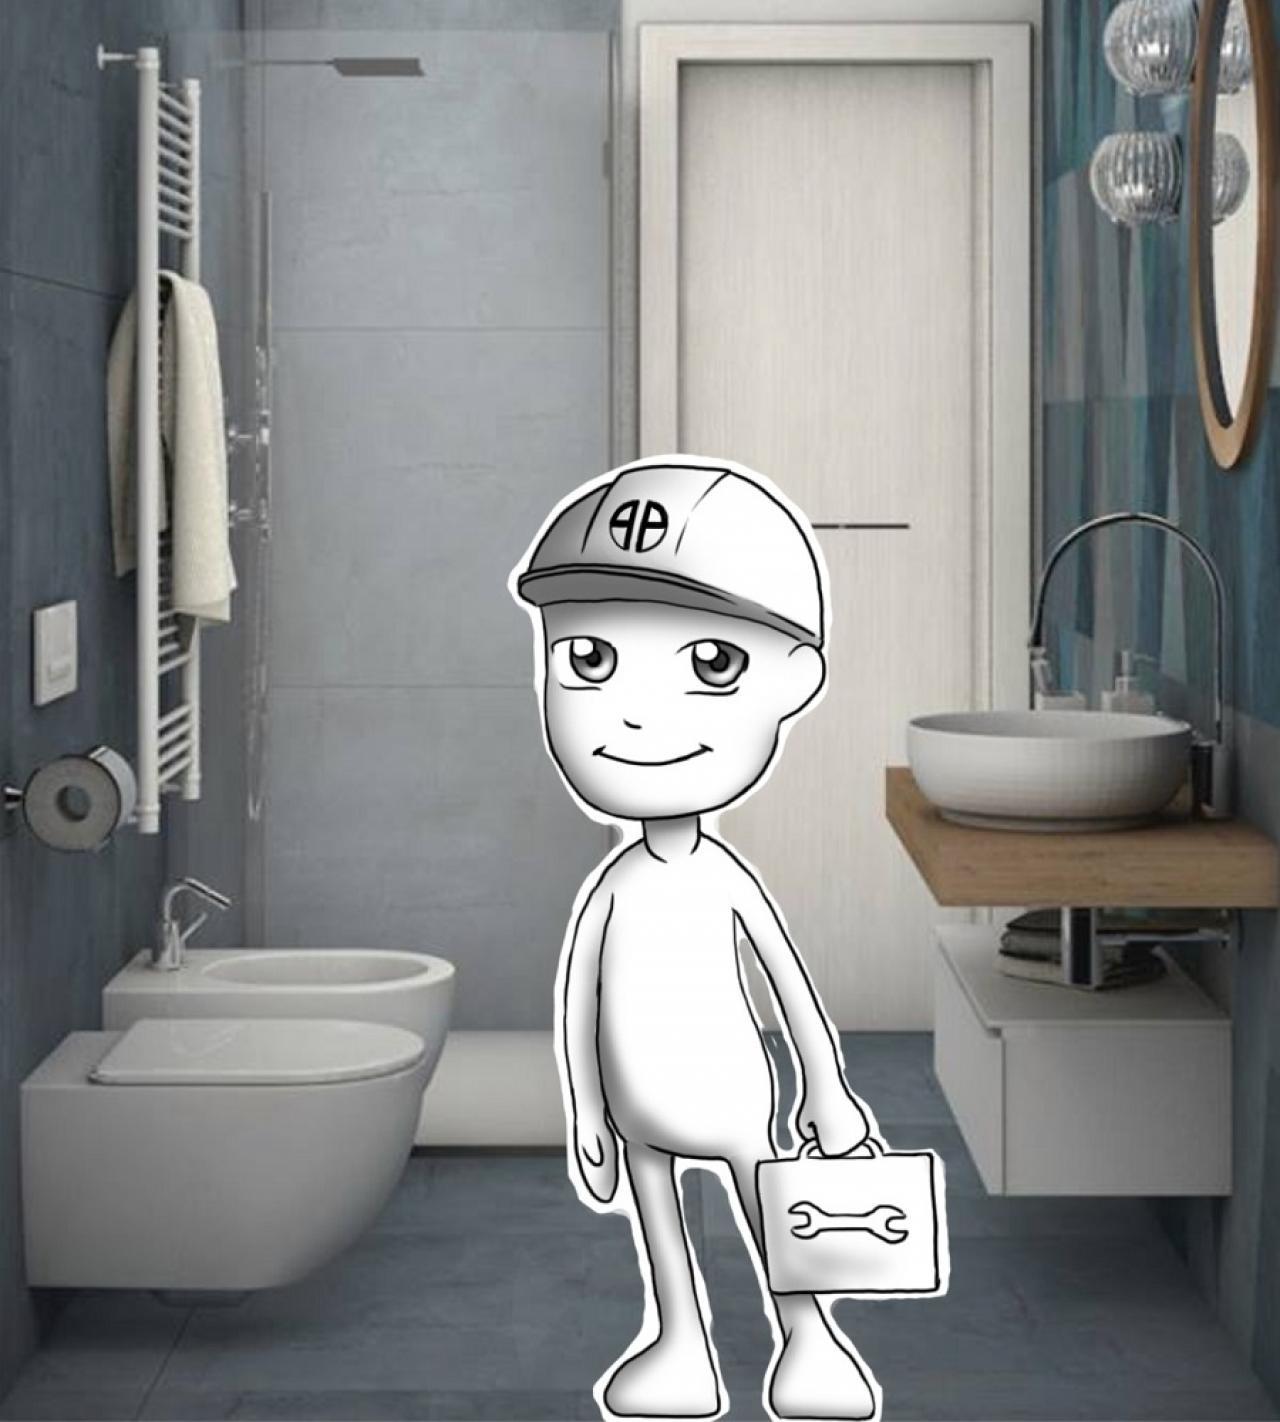 Documenti Per Ristrutturazione Bagno 10 buoni motivi per ristrutturare il bagno | fratelli pellizzari